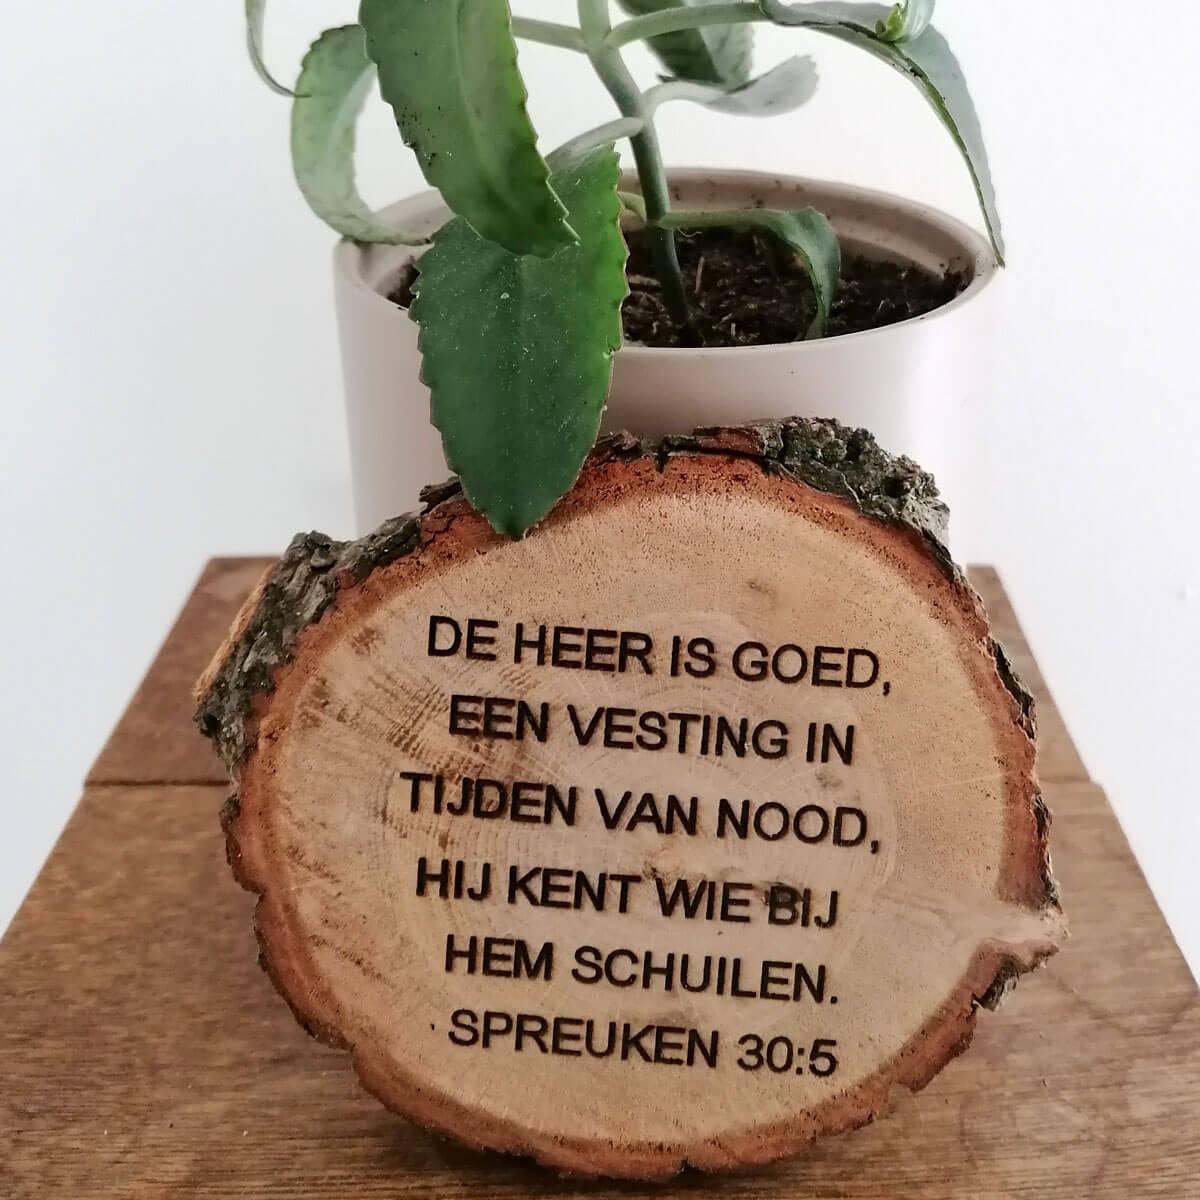 Haal de natuur in huis met dit boomschijf bordje